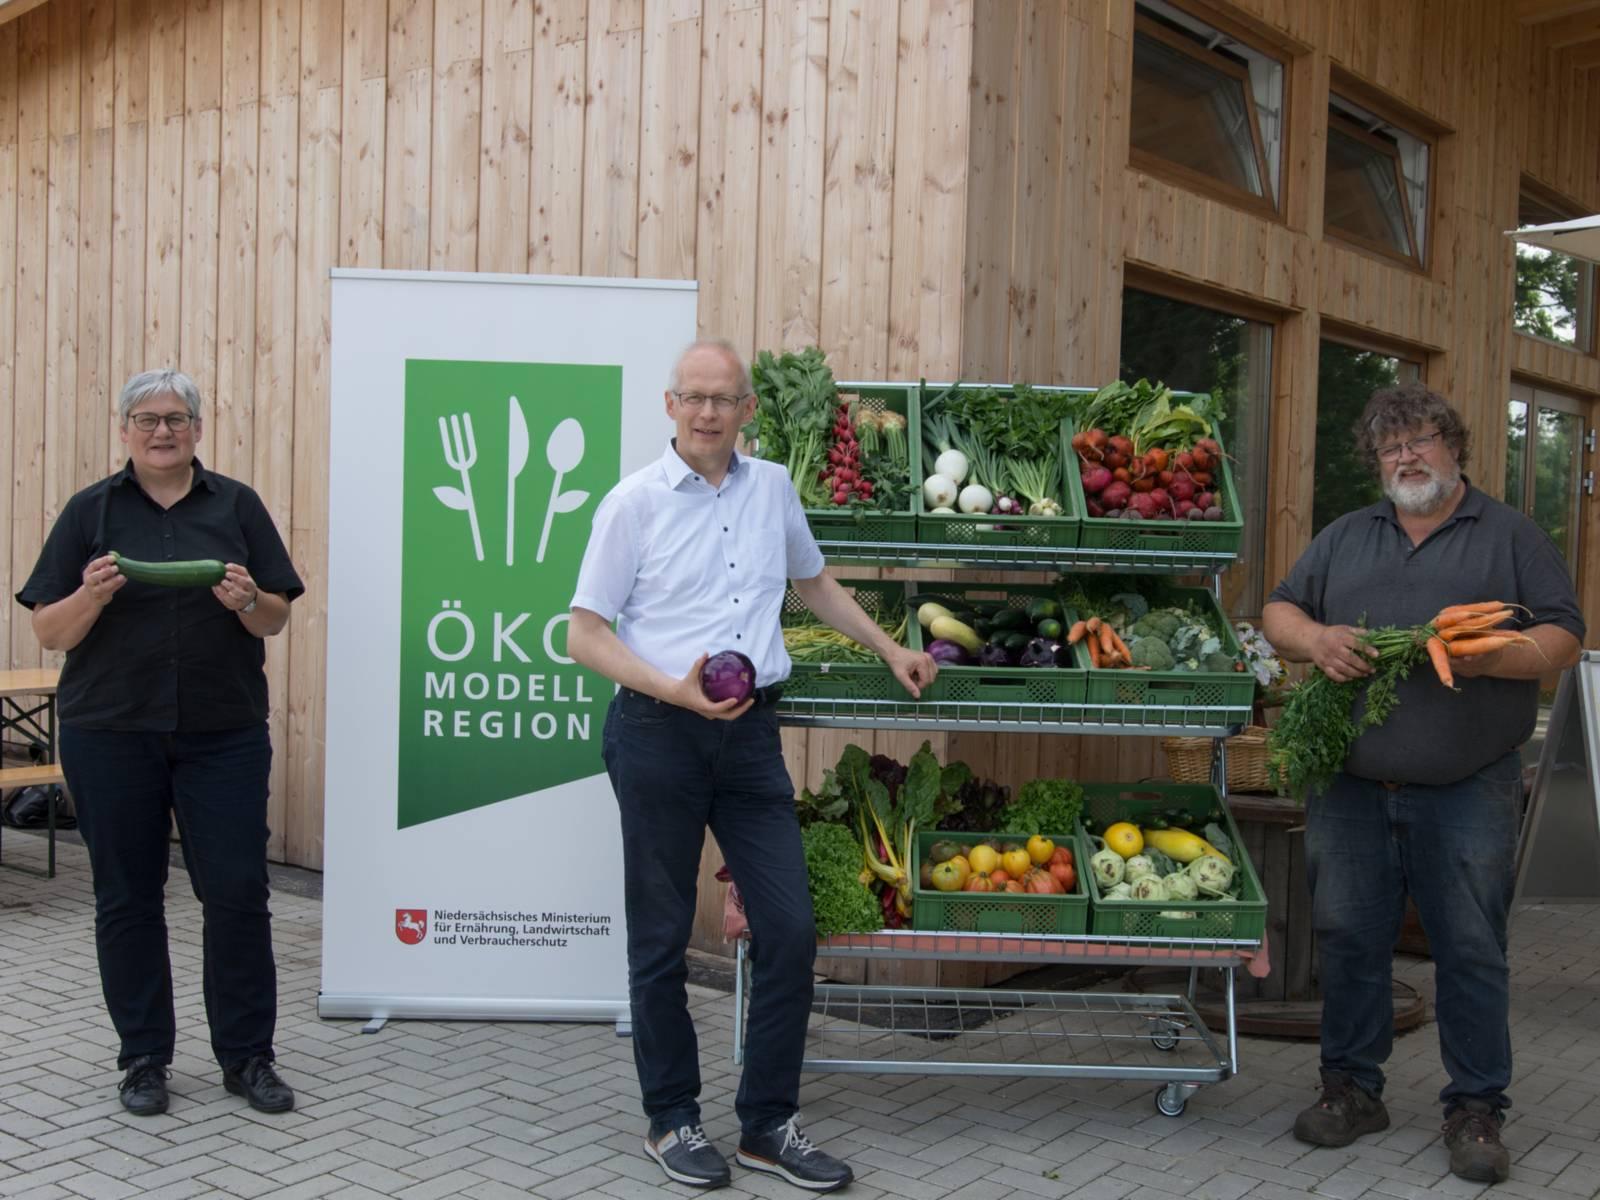 Drei Personen, die Gemüse in den Händen halten, stehen vor einem Schild der Ökomodellregion und einem Gemüsestand